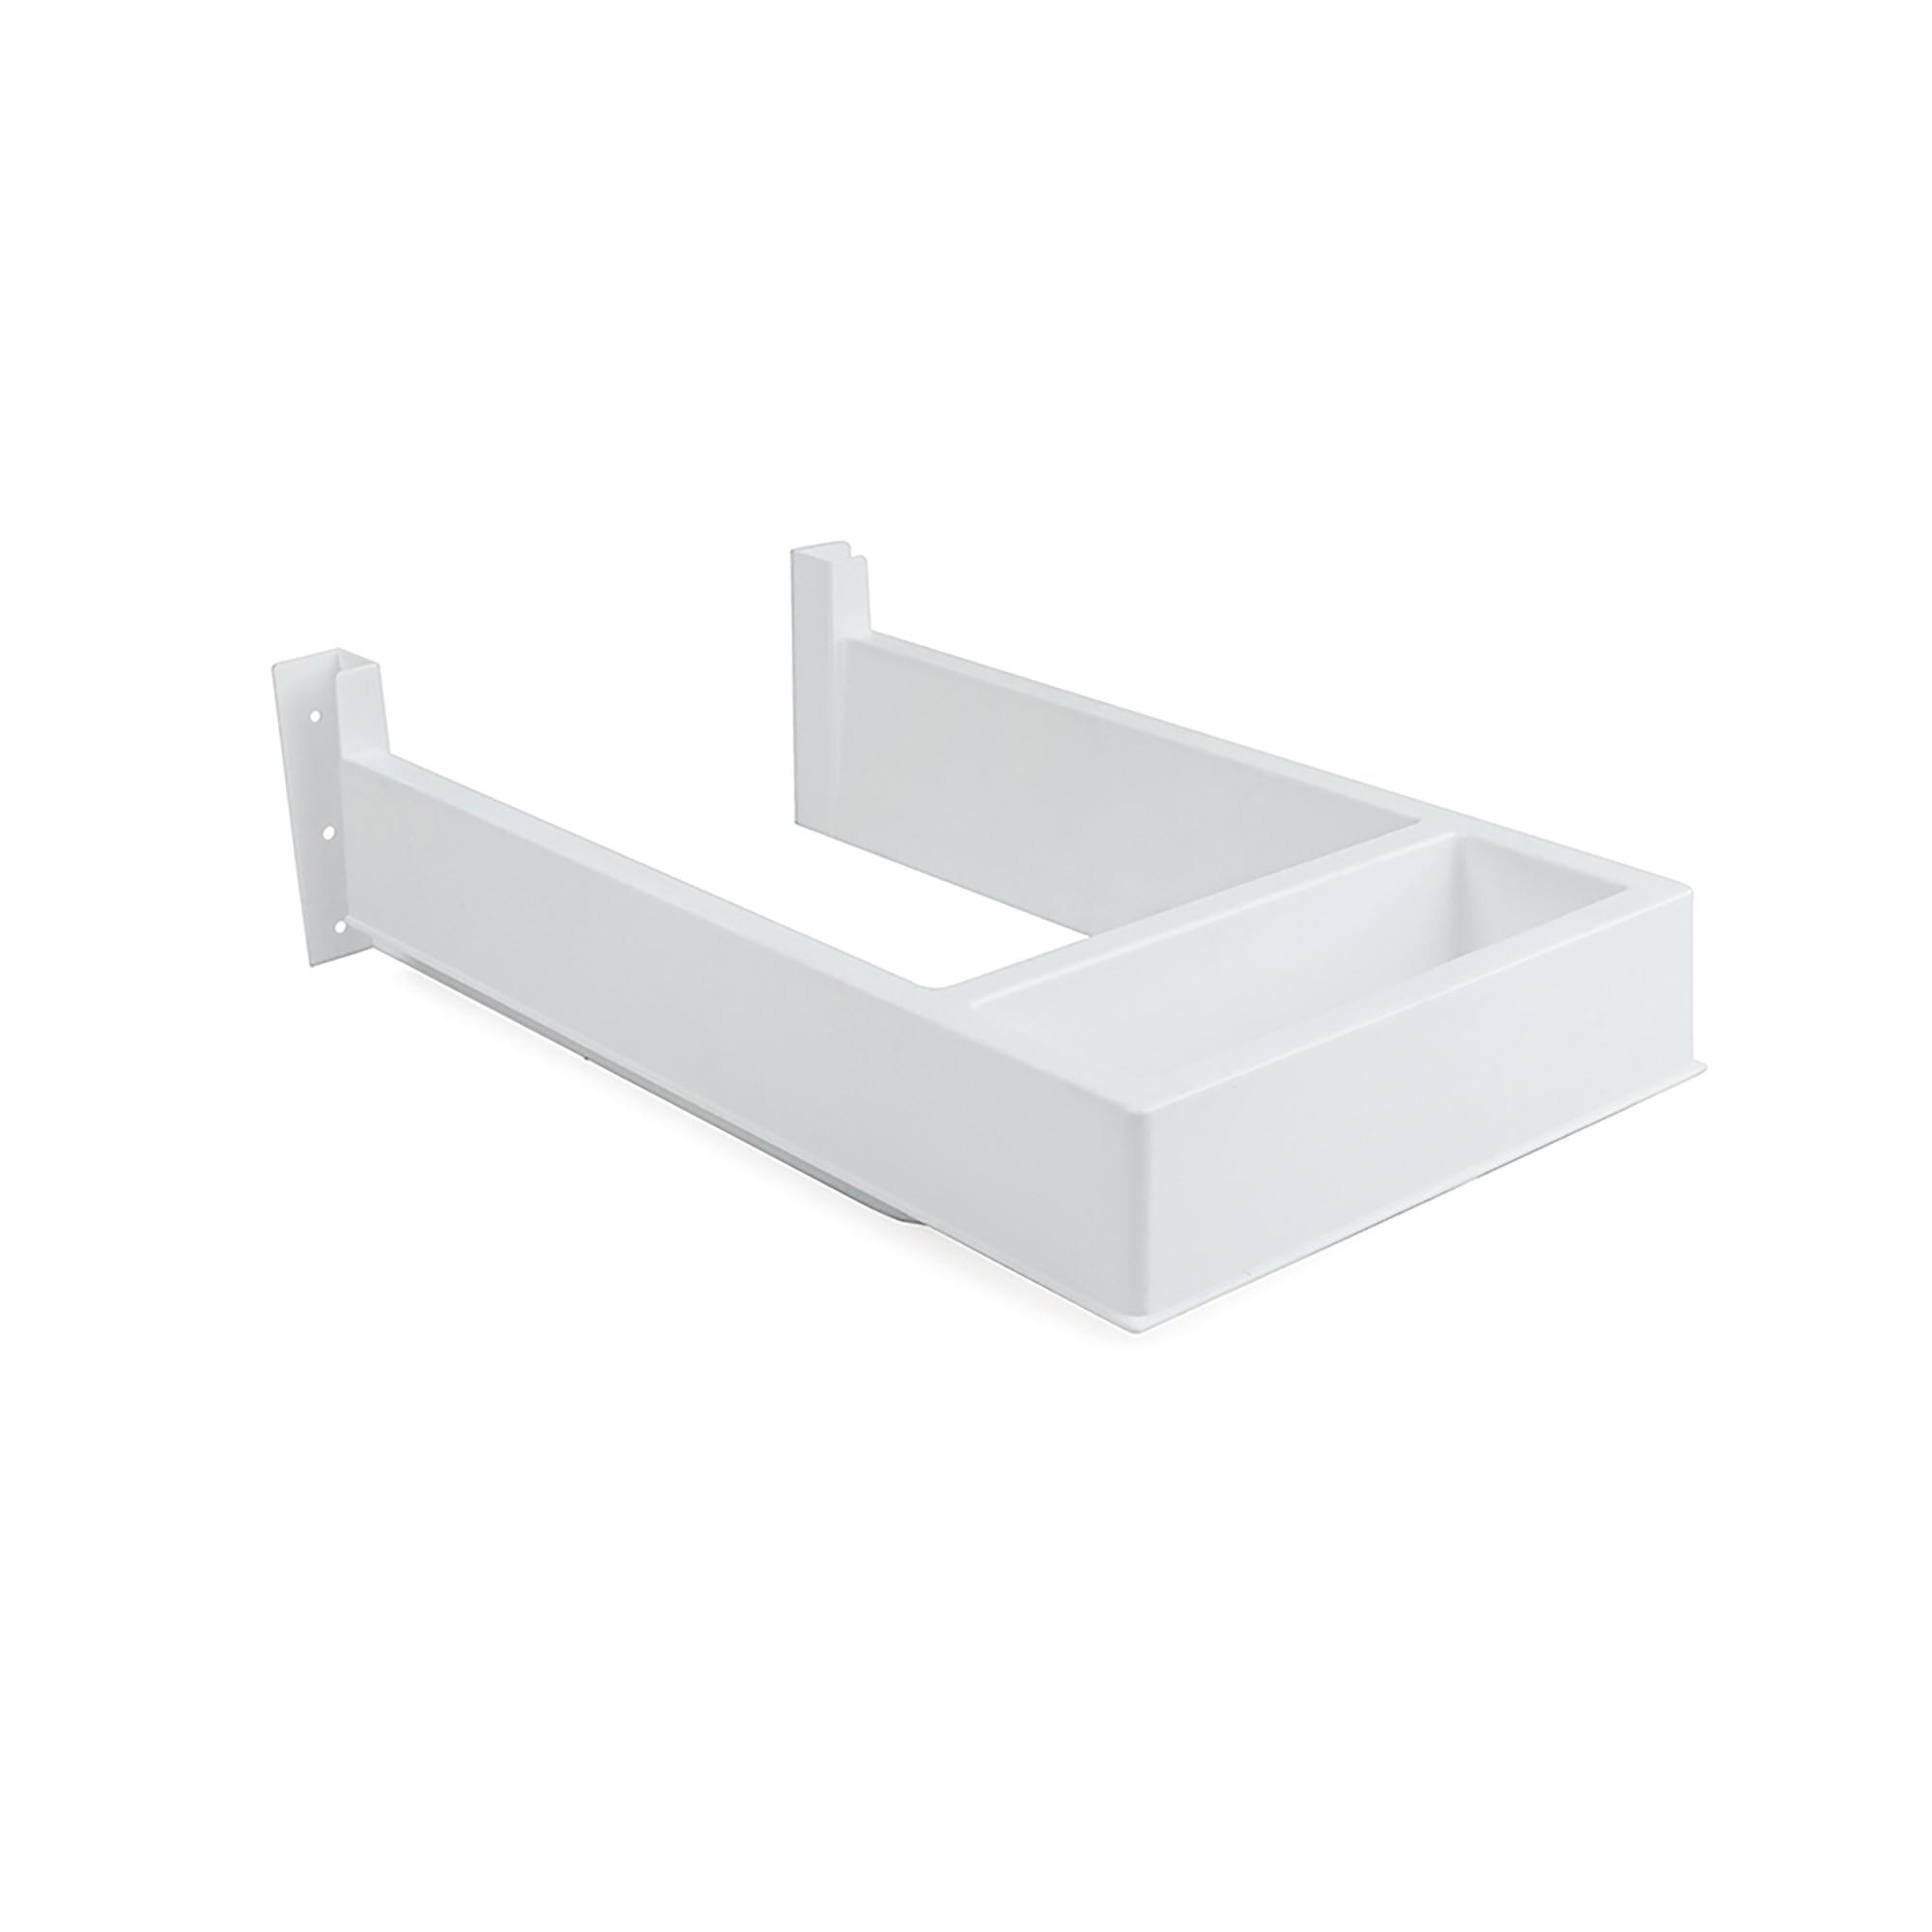 Emuca Salva sifone per cassetti del bagno, rettangolare, Plastica, Bianco